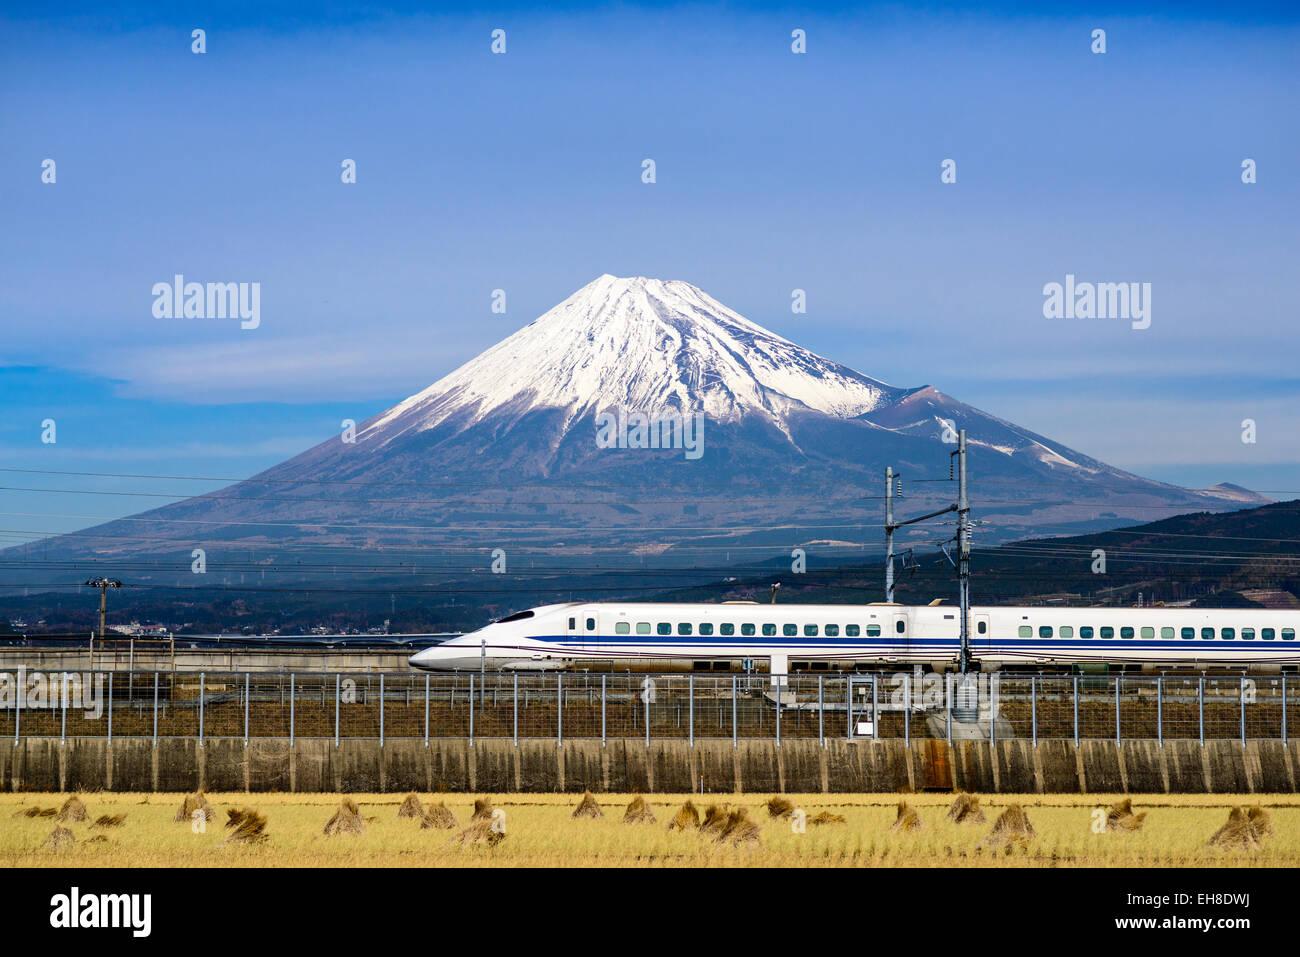 A bullet train passes below Mt. Fuji in Japan. - Stock Image